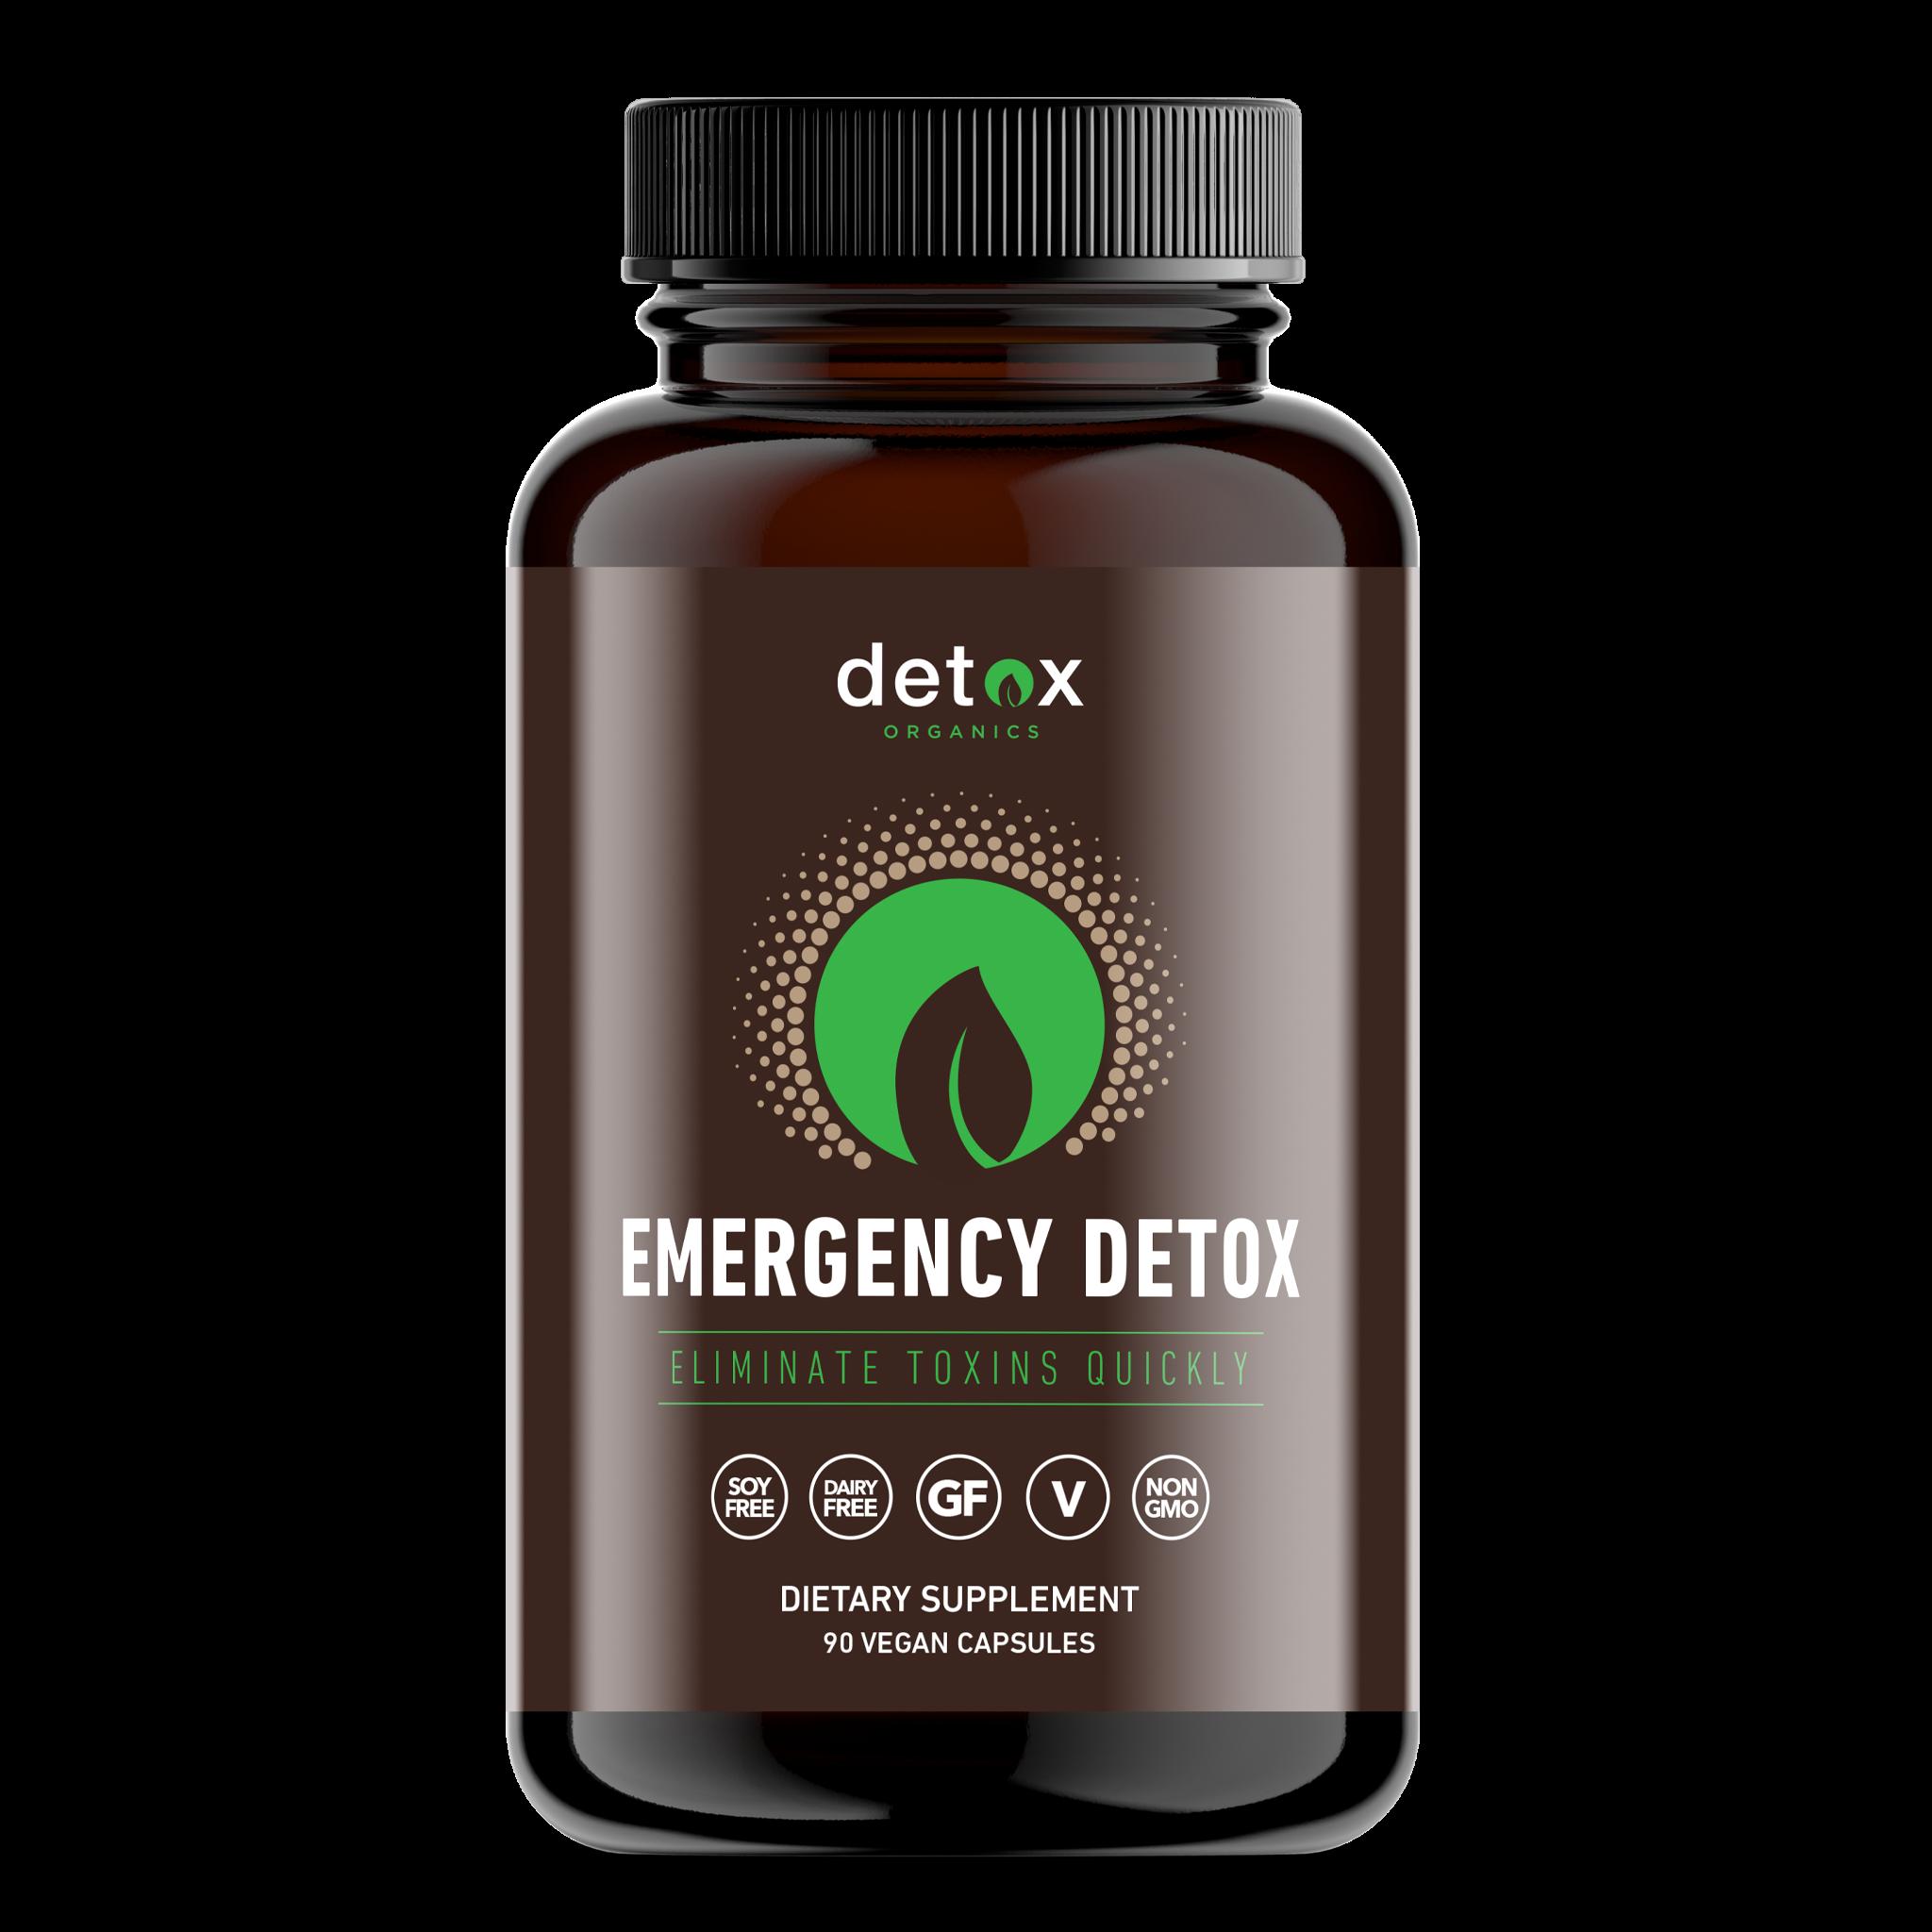 Emergency_Detox_Bottle